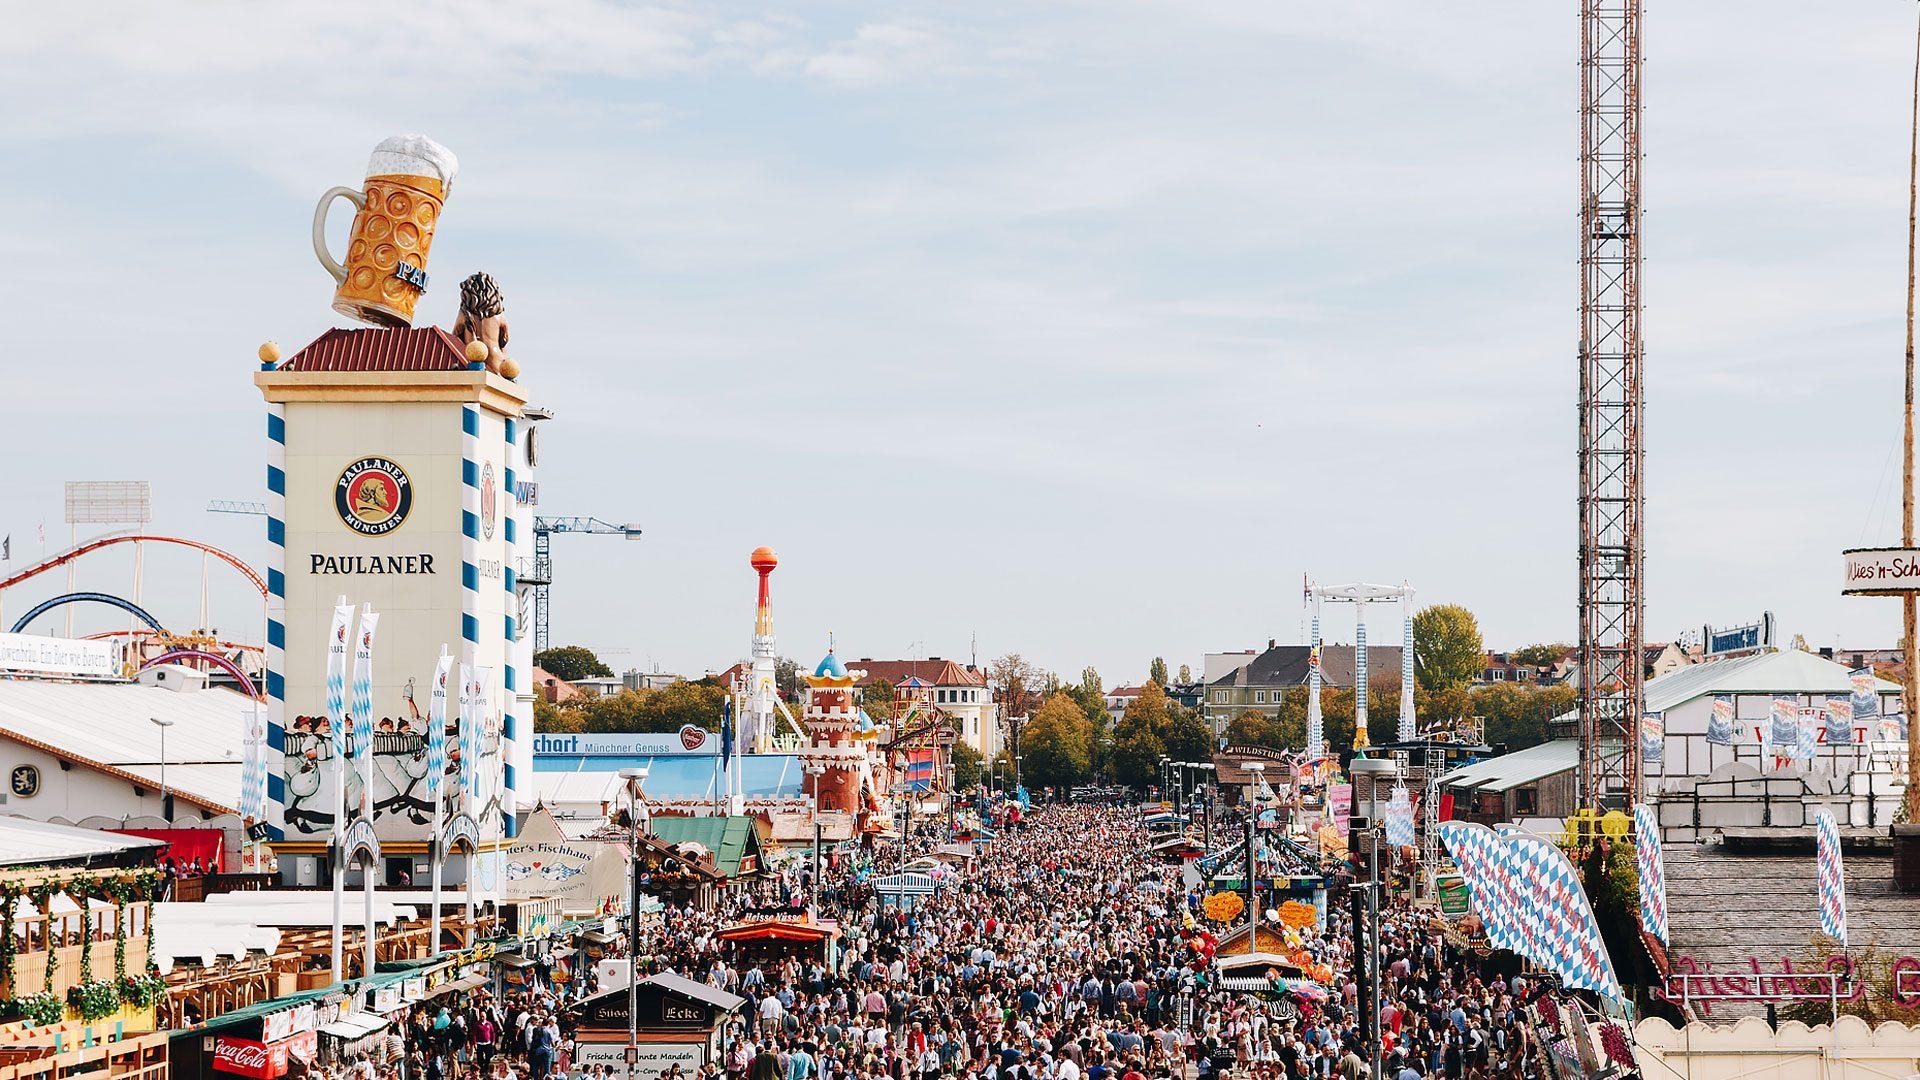 Oktoberfest Monaco di baviera - viaggio low cost